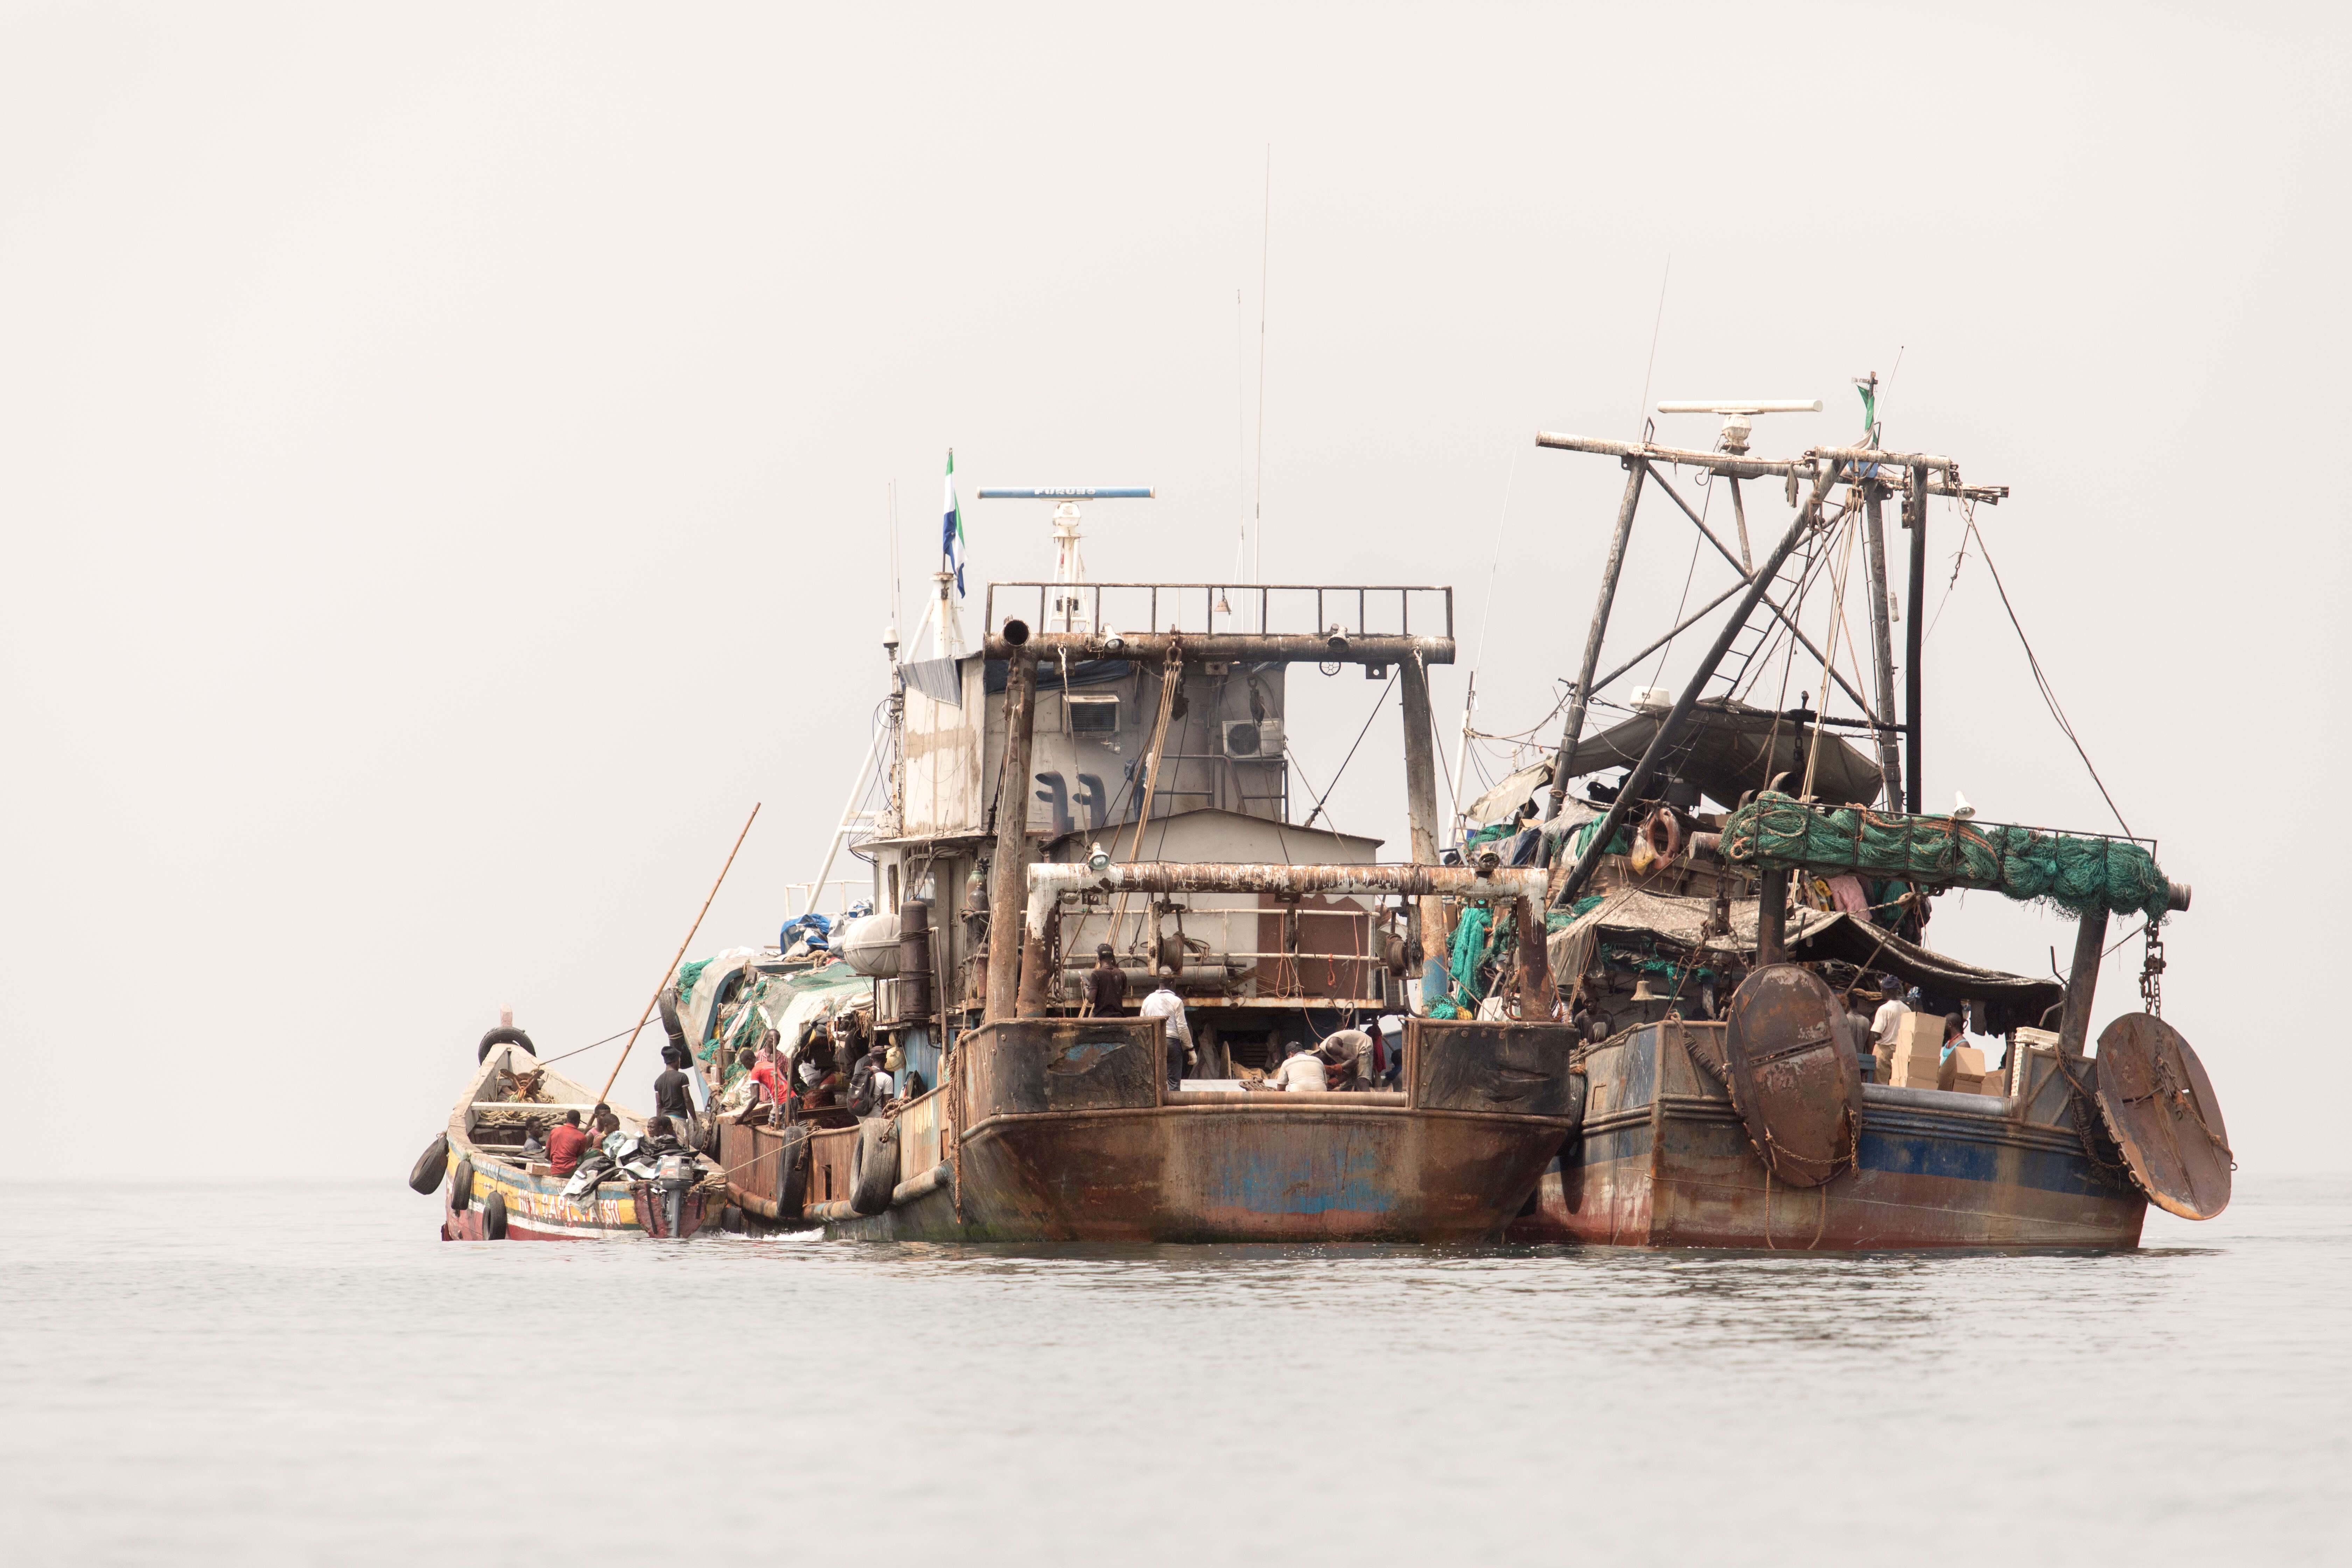 Unite for stronger global ocean governance